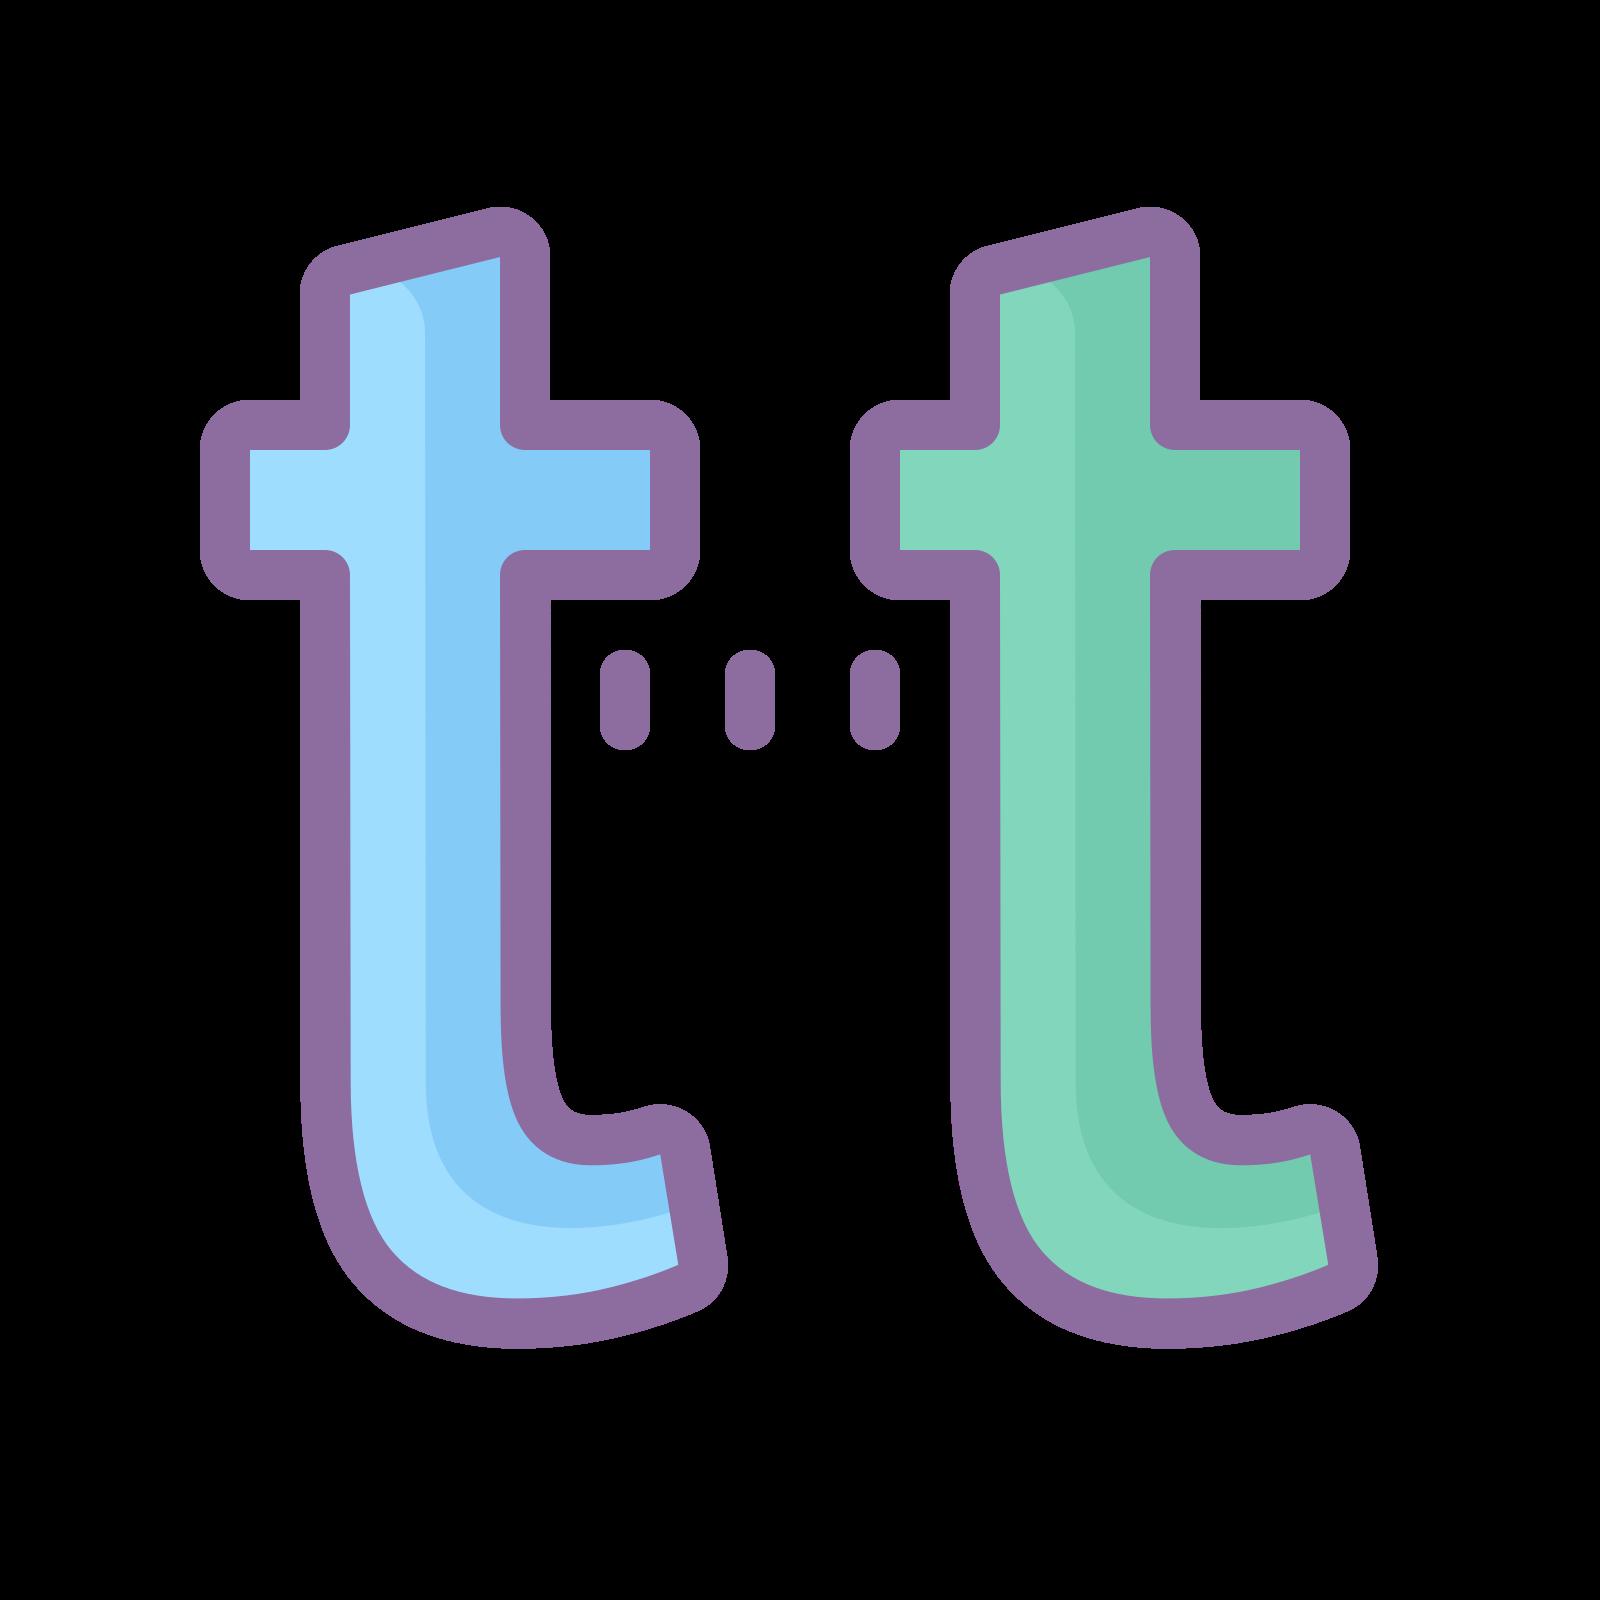 Lowercase 2 icon